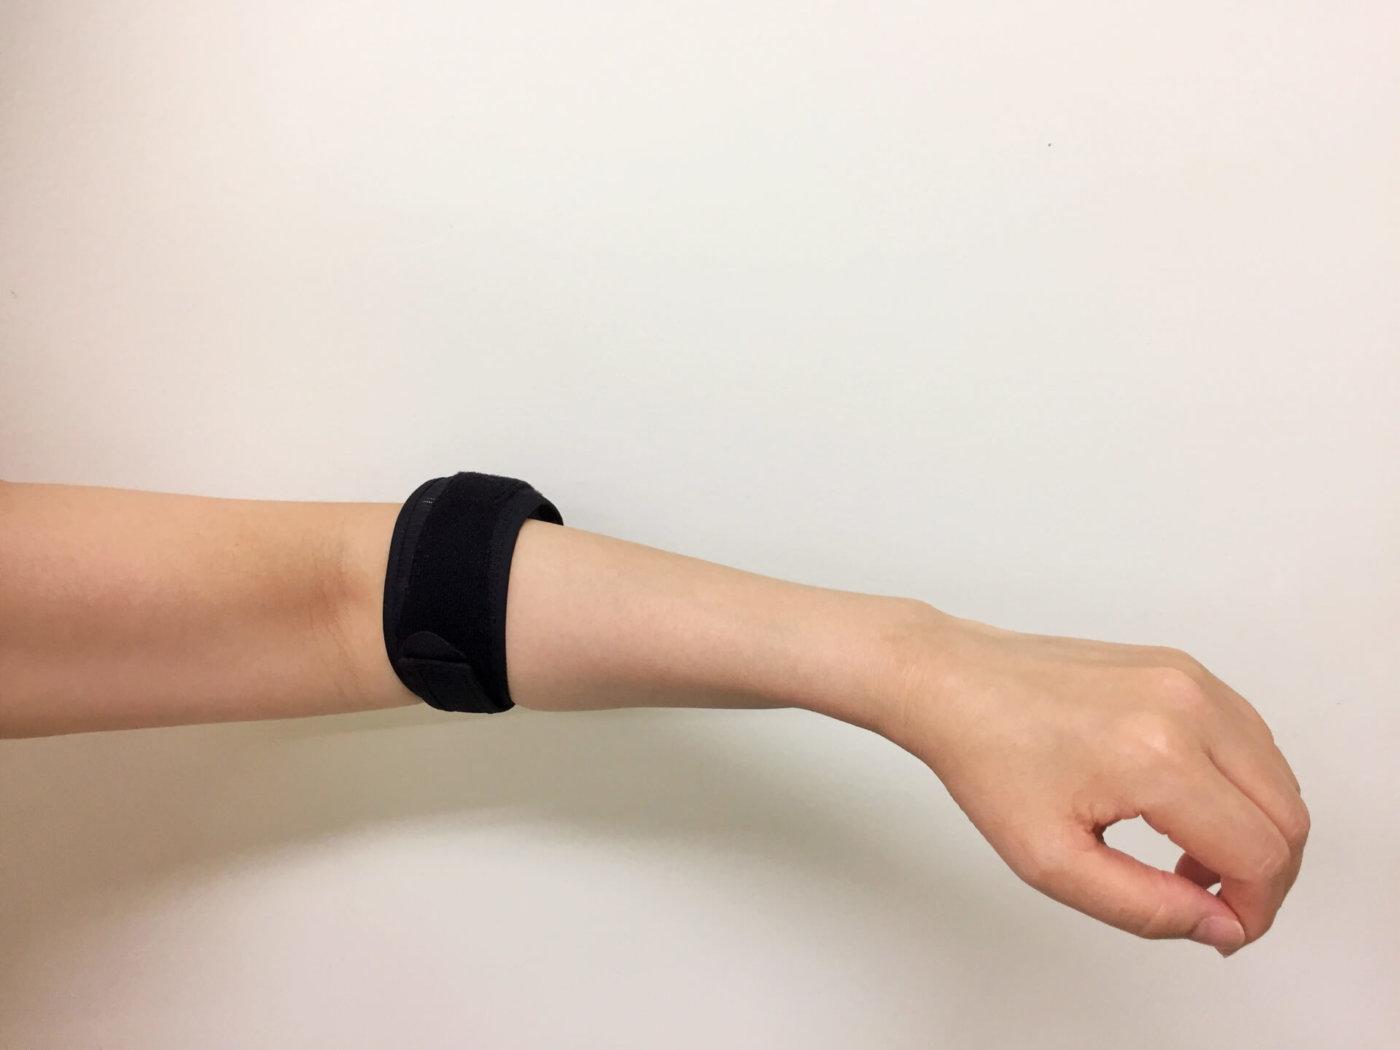 テニス肘は何が原因?サポーターはいい?テニス肘の原因と対処方法